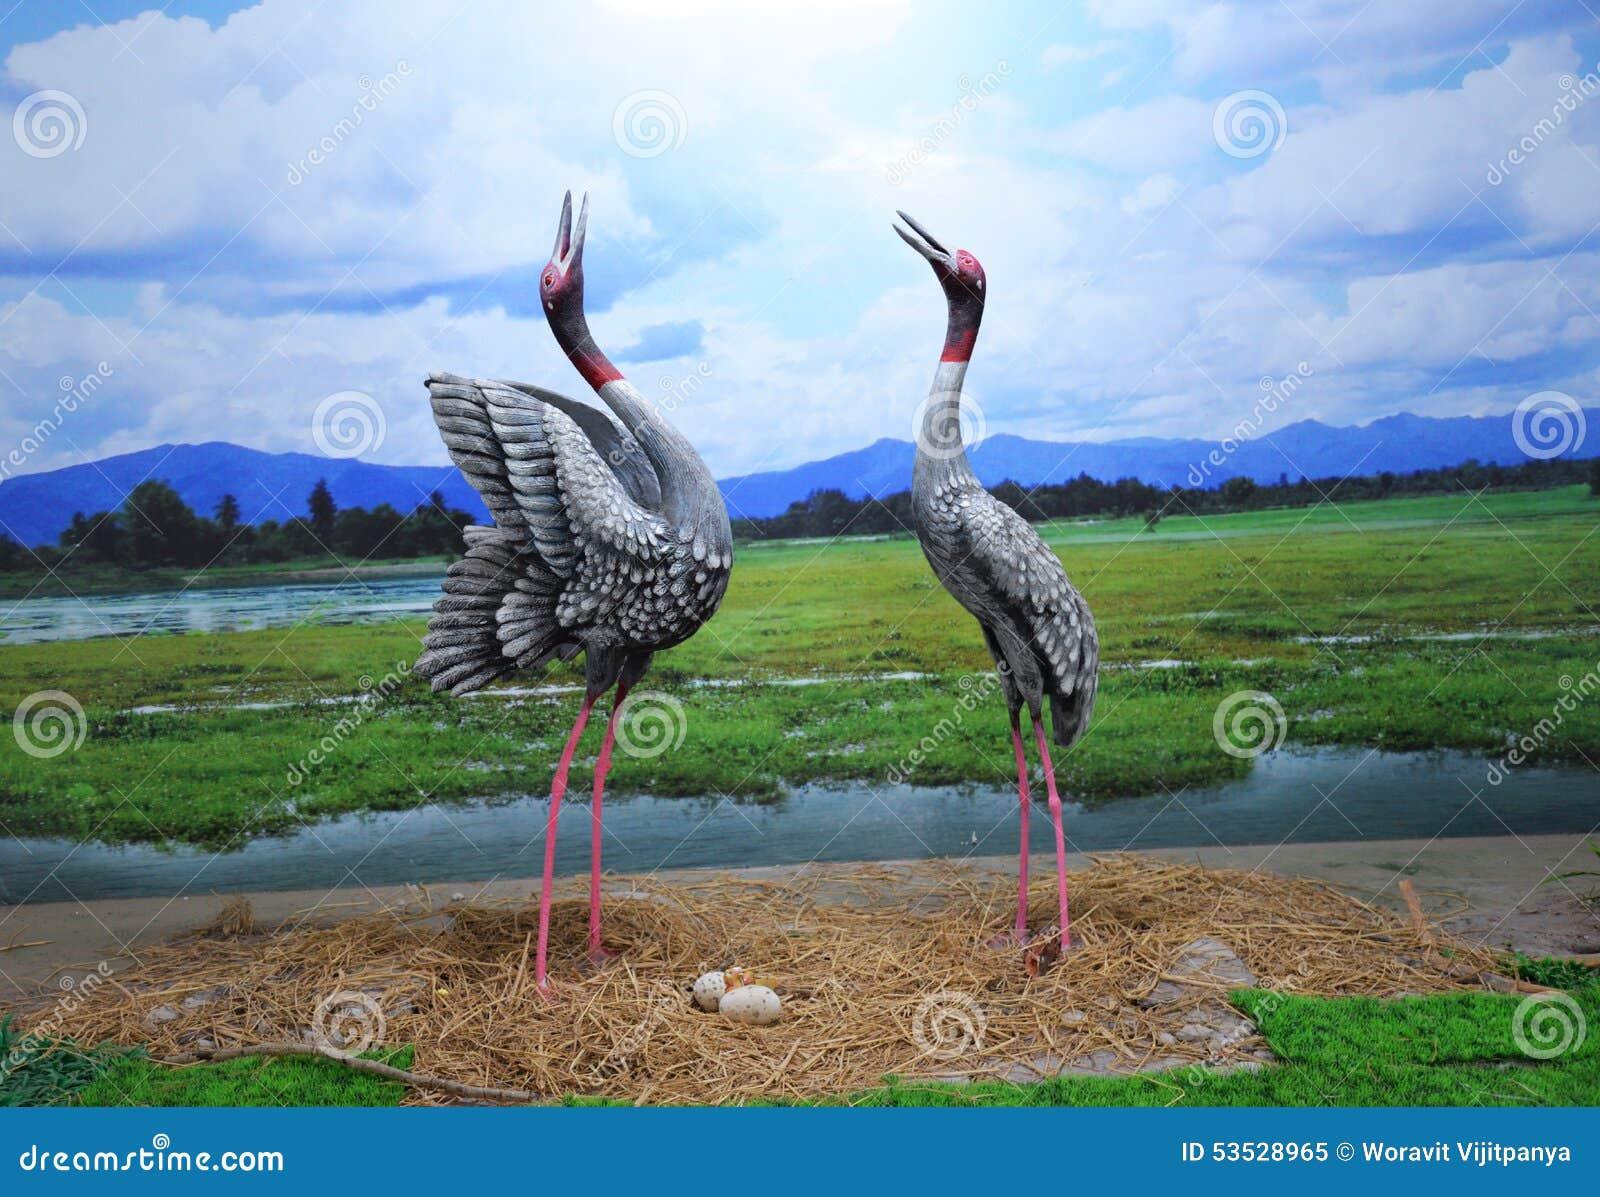 Статуя вытягивает шею птицы